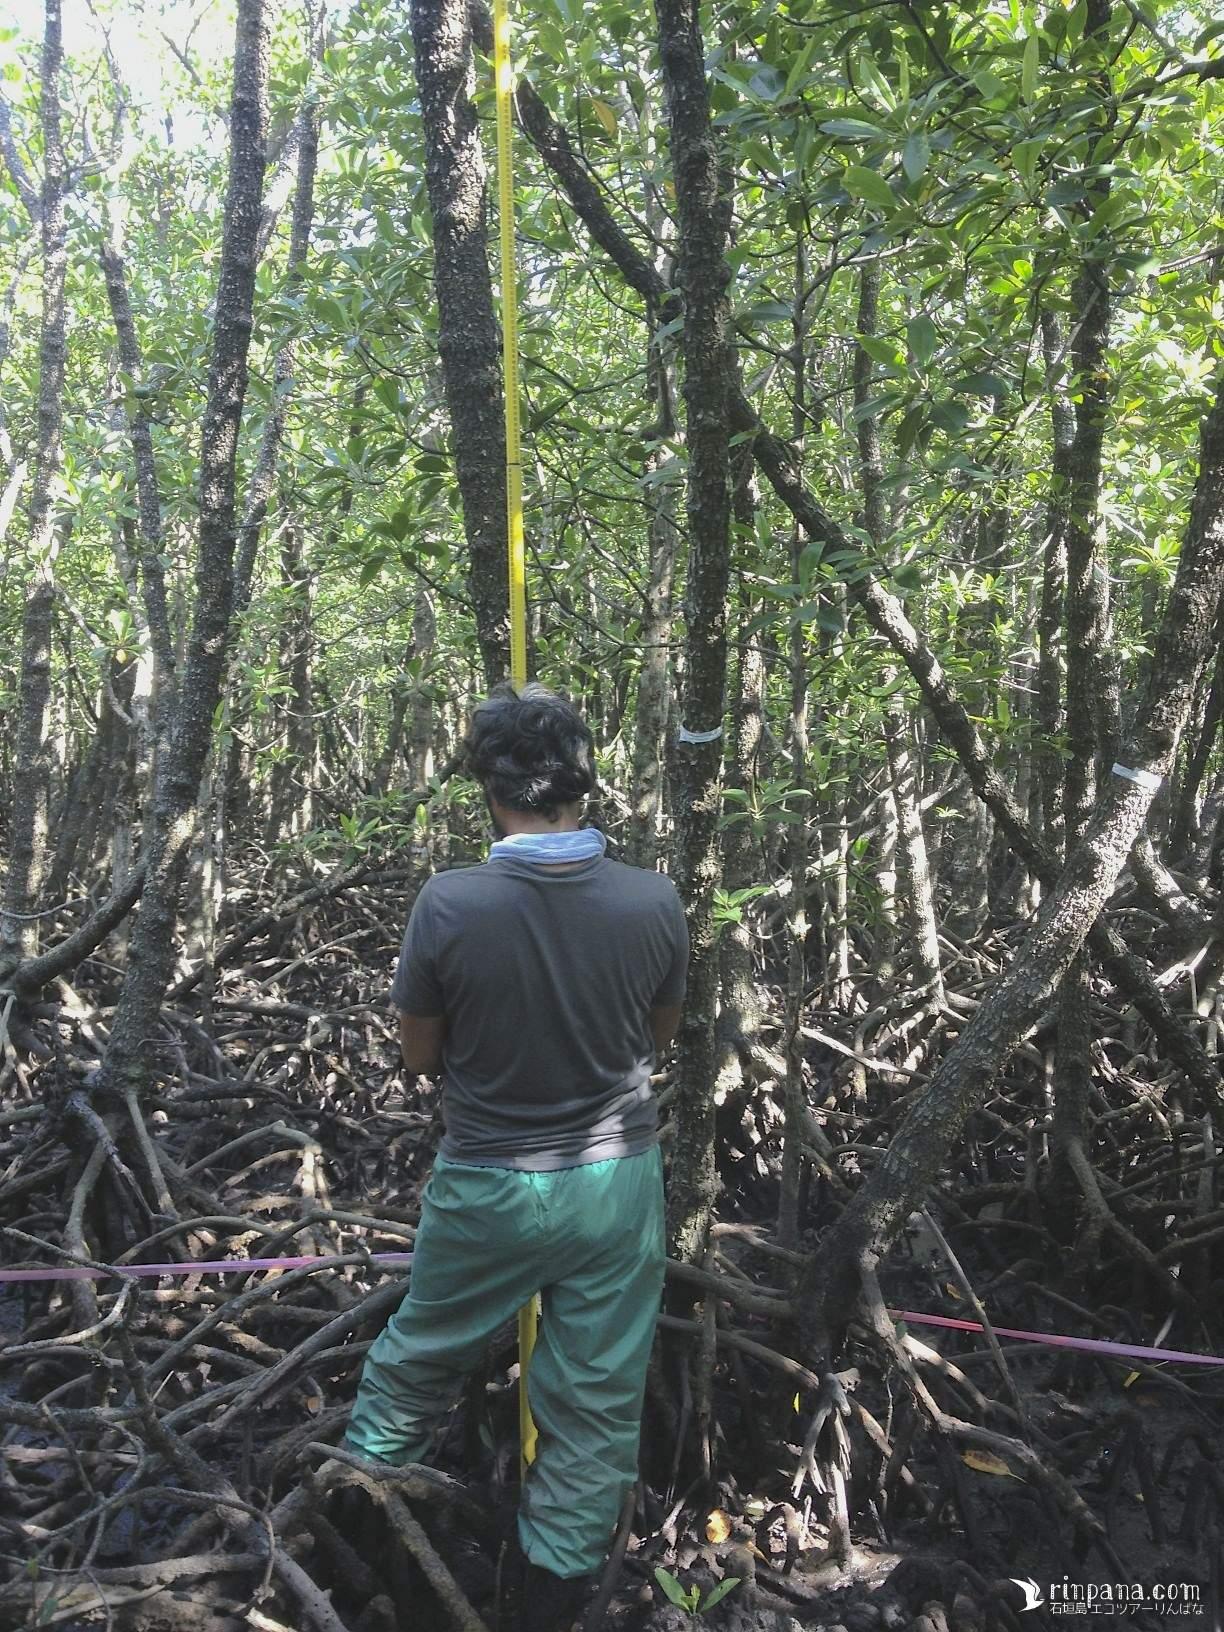 石垣島のマングローブ林を全力で調査する「カクさん」を手伝ってきました。